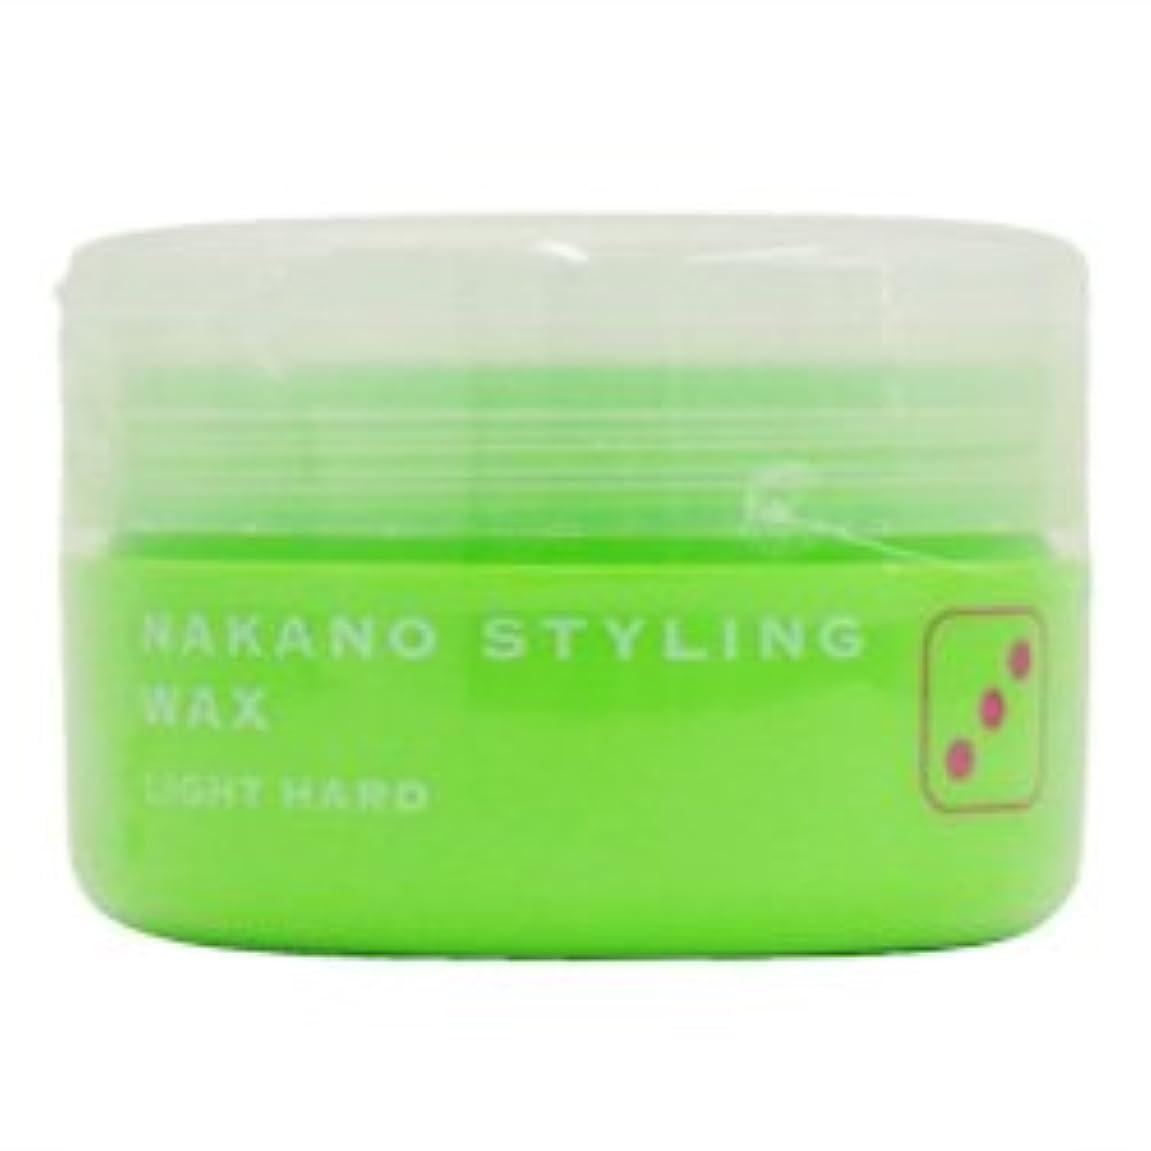 細胞単語元のナカノ スタイリングワックス 3 ライトハード 90g 中野製薬 NAKANO